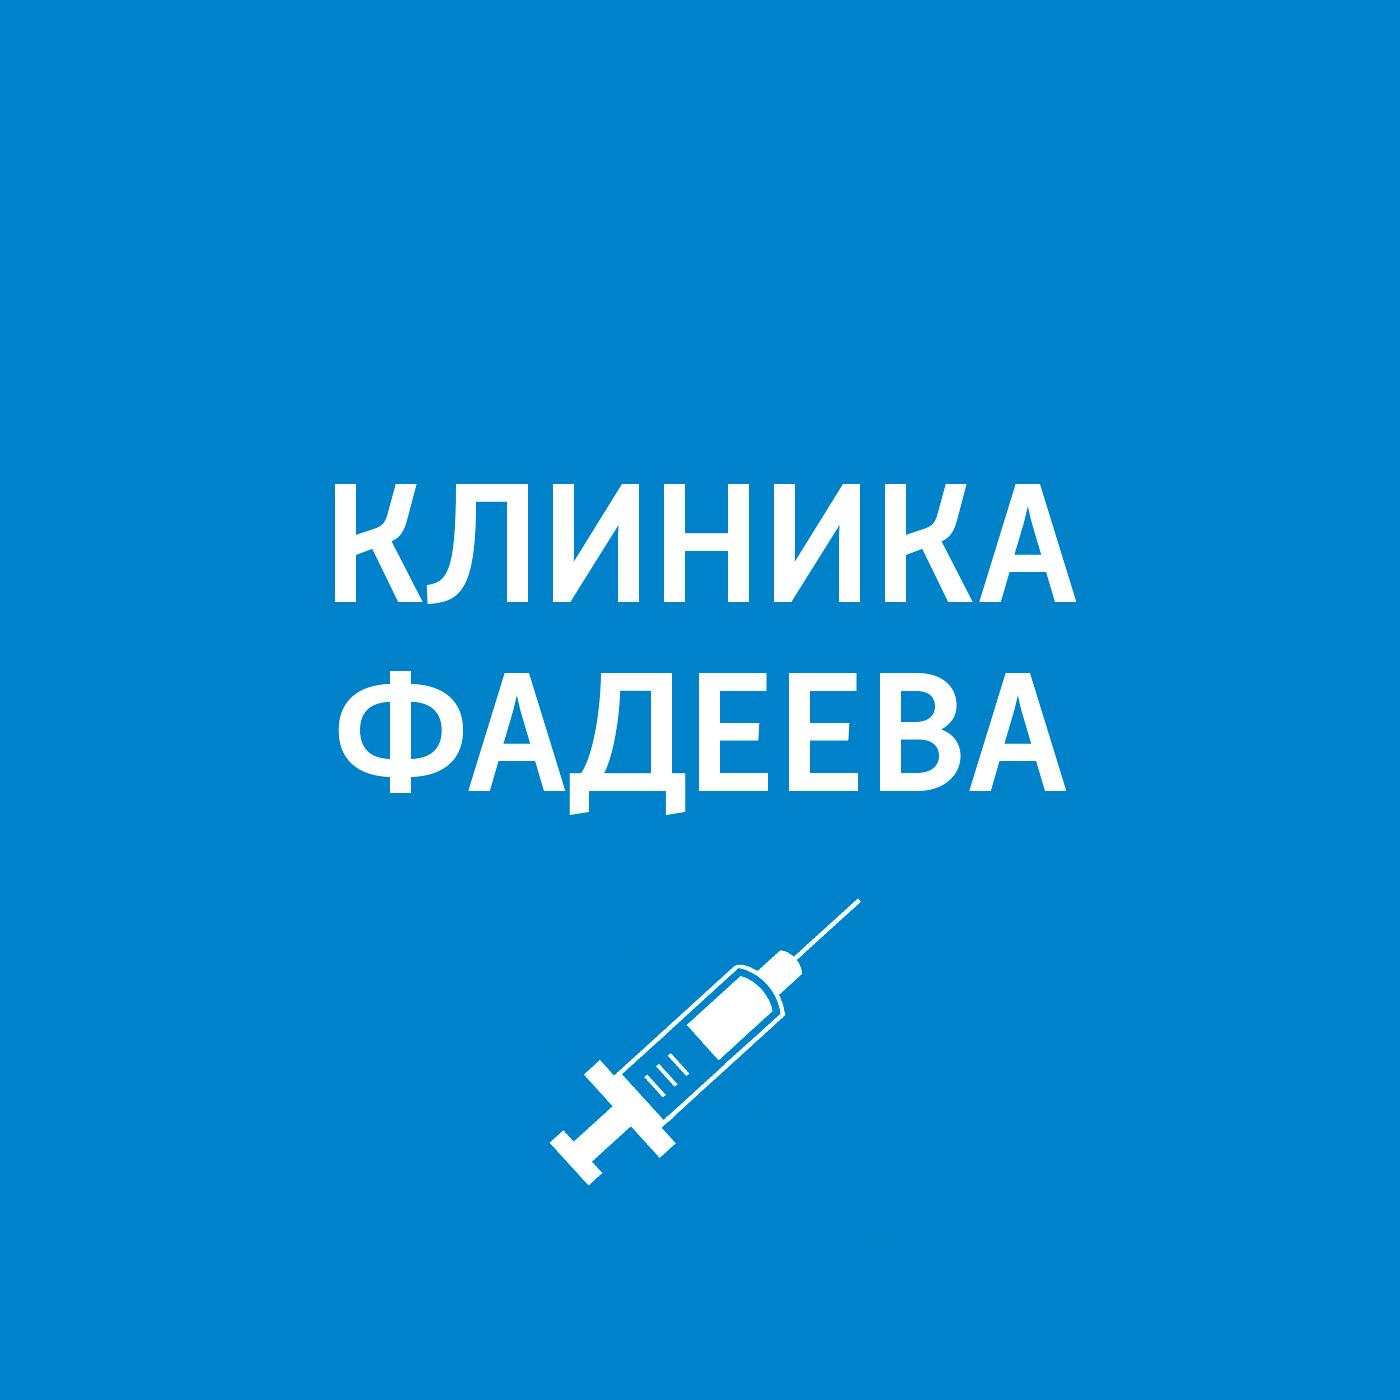 Пётр Фадеев Врач-трихолог: как ухаживать за своими волосами густая себорея кожи